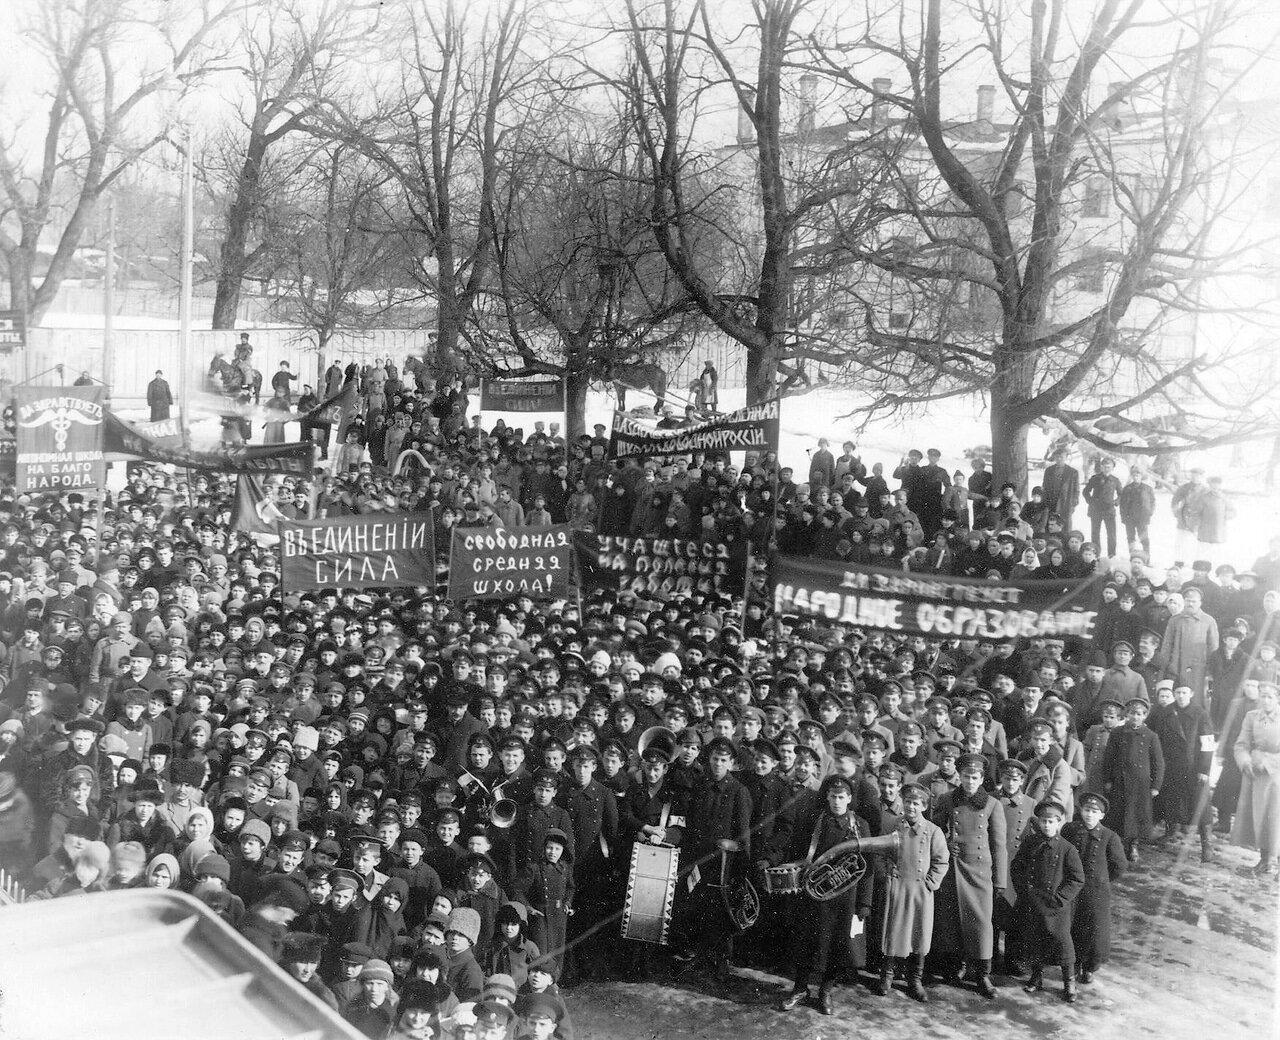 03. Демонстрация учащихся у здания городской ратуши. 24 марта 1917